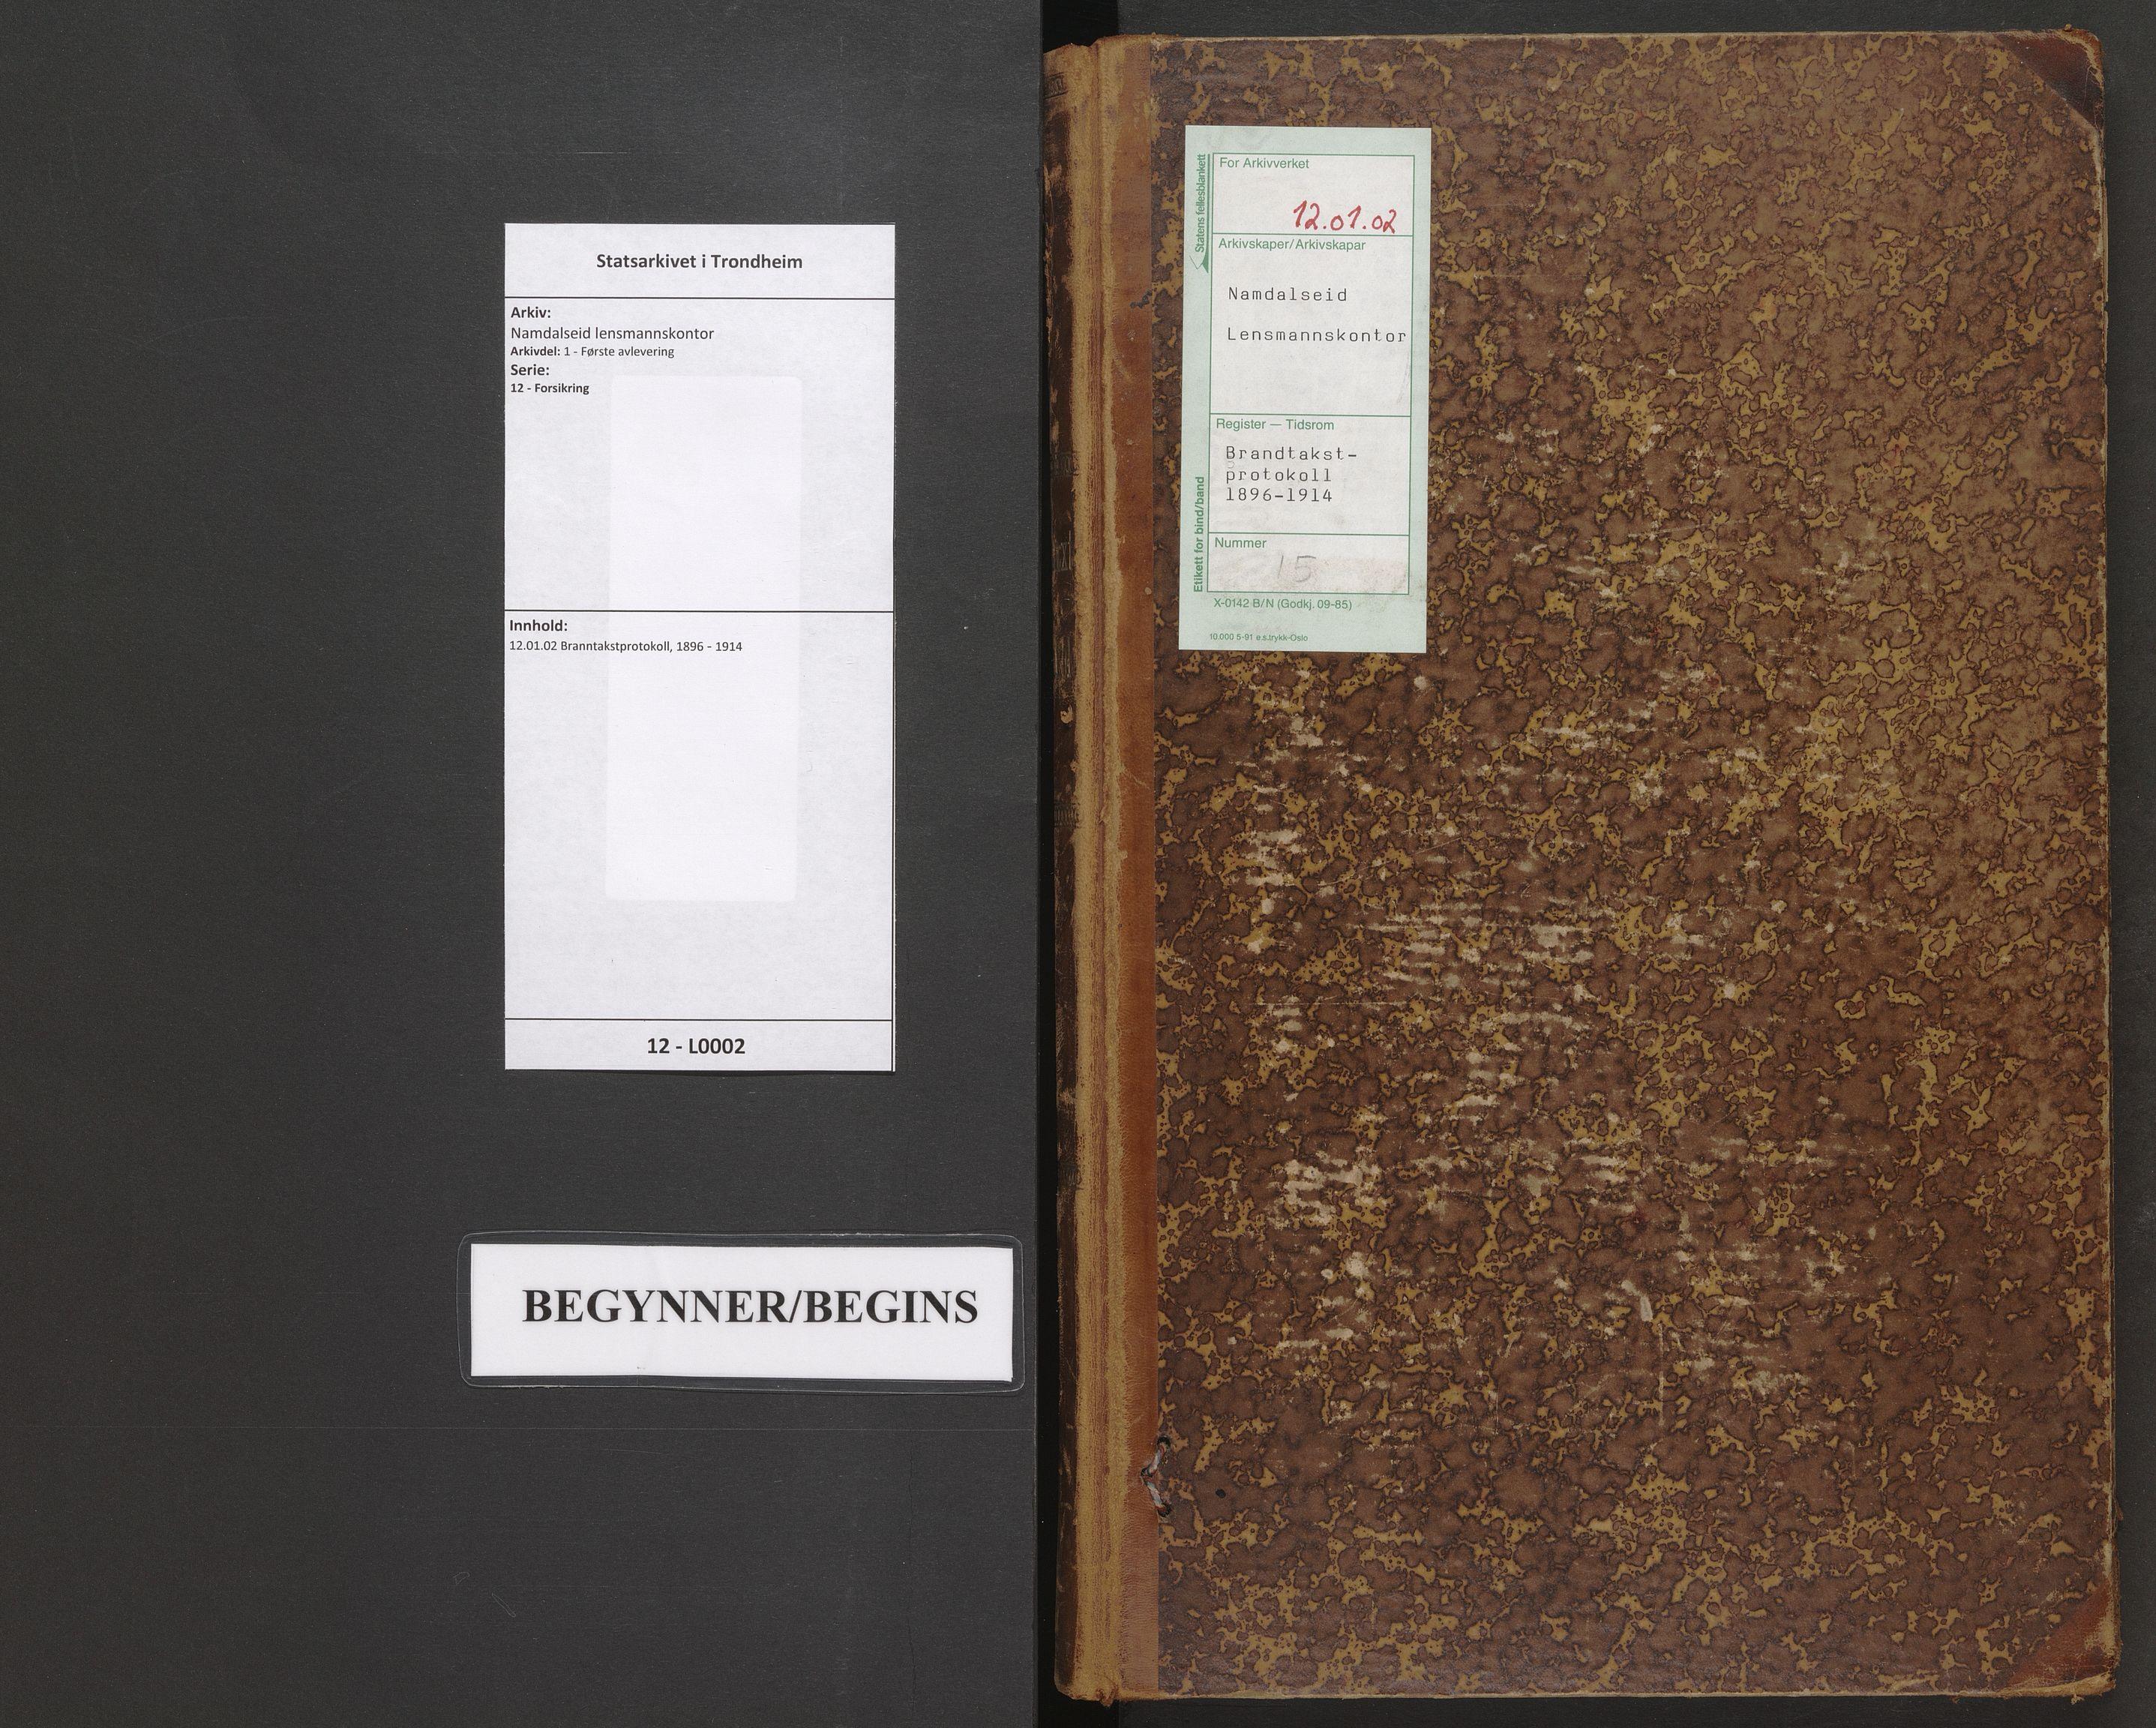 SAT, Namdalseid lensmannskontor, 12/L0002: 12.01.02 Branntakstprotokoll, 1896-1918